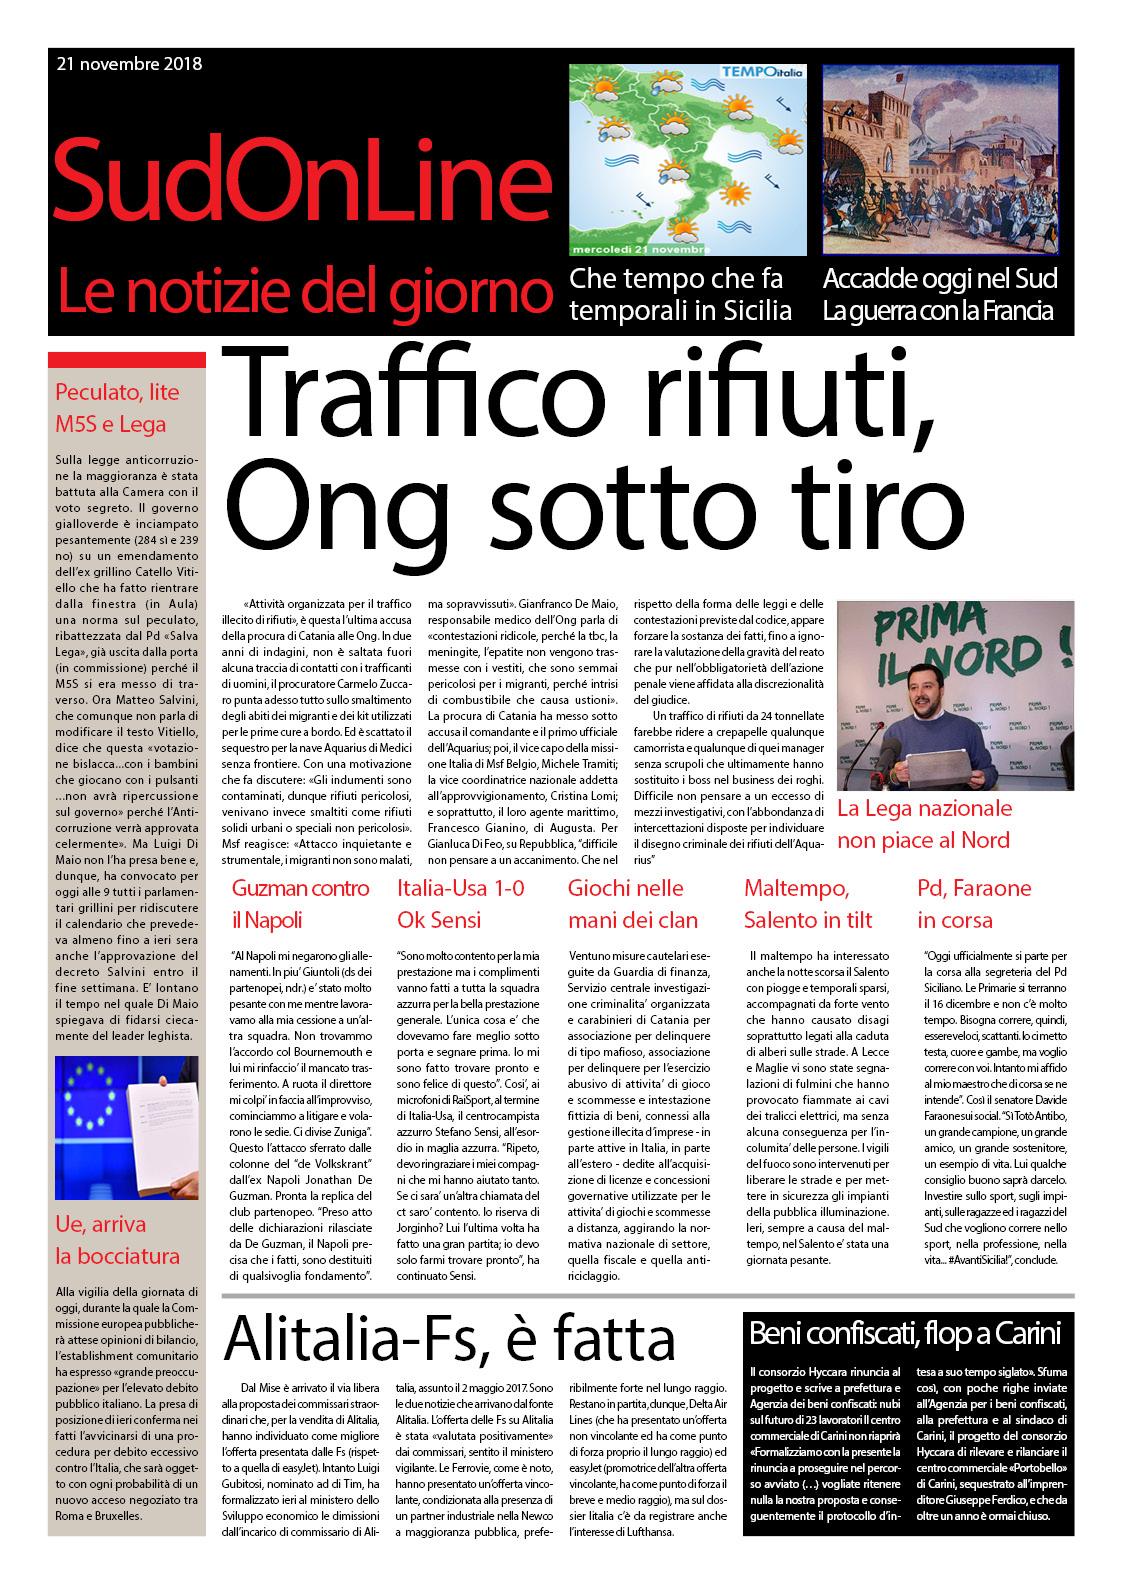 Il Sud On Line quotidiano: da Catania siluro alle Ong, il Nord non piace la Lega che va al Sud…